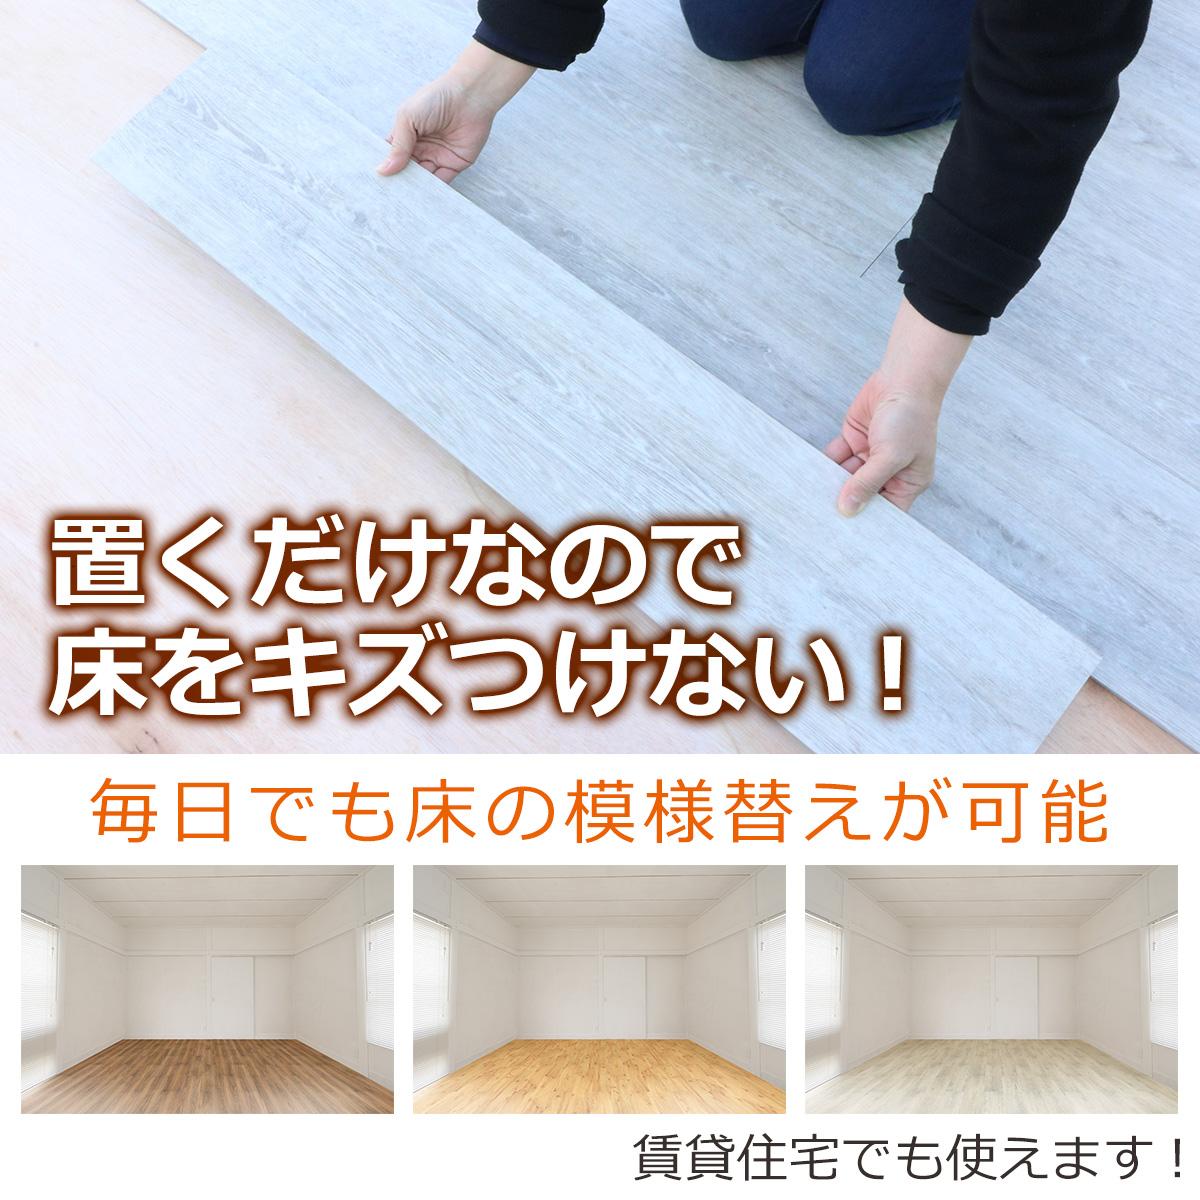 置くだけなので床をキズつけない!毎日でも床の模様替えが可能 賃貸住宅でも使えます!